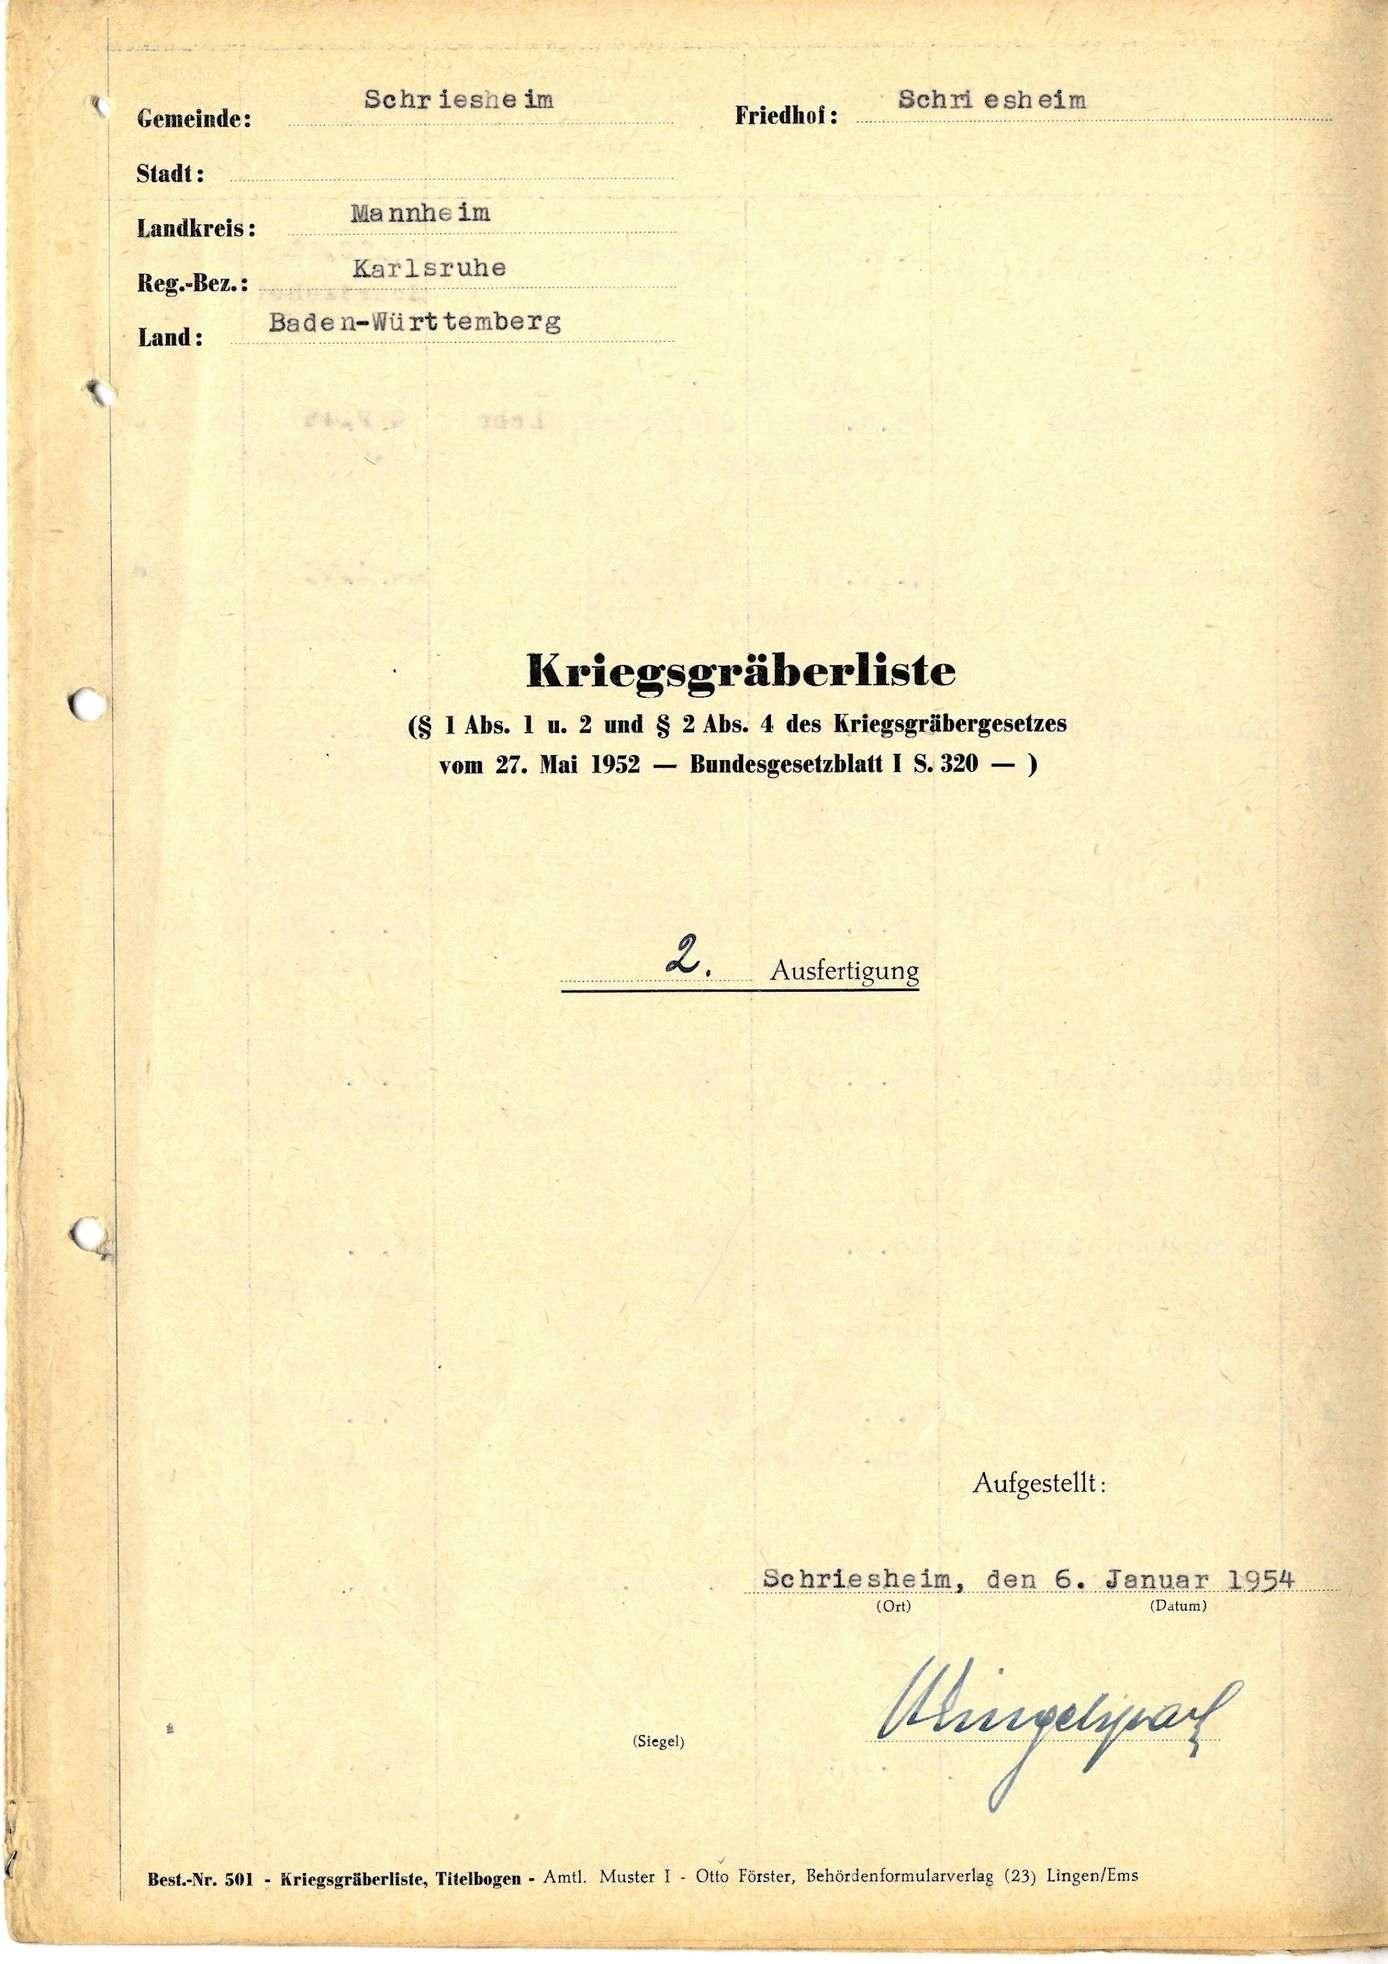 Schriesheim, Bild 1